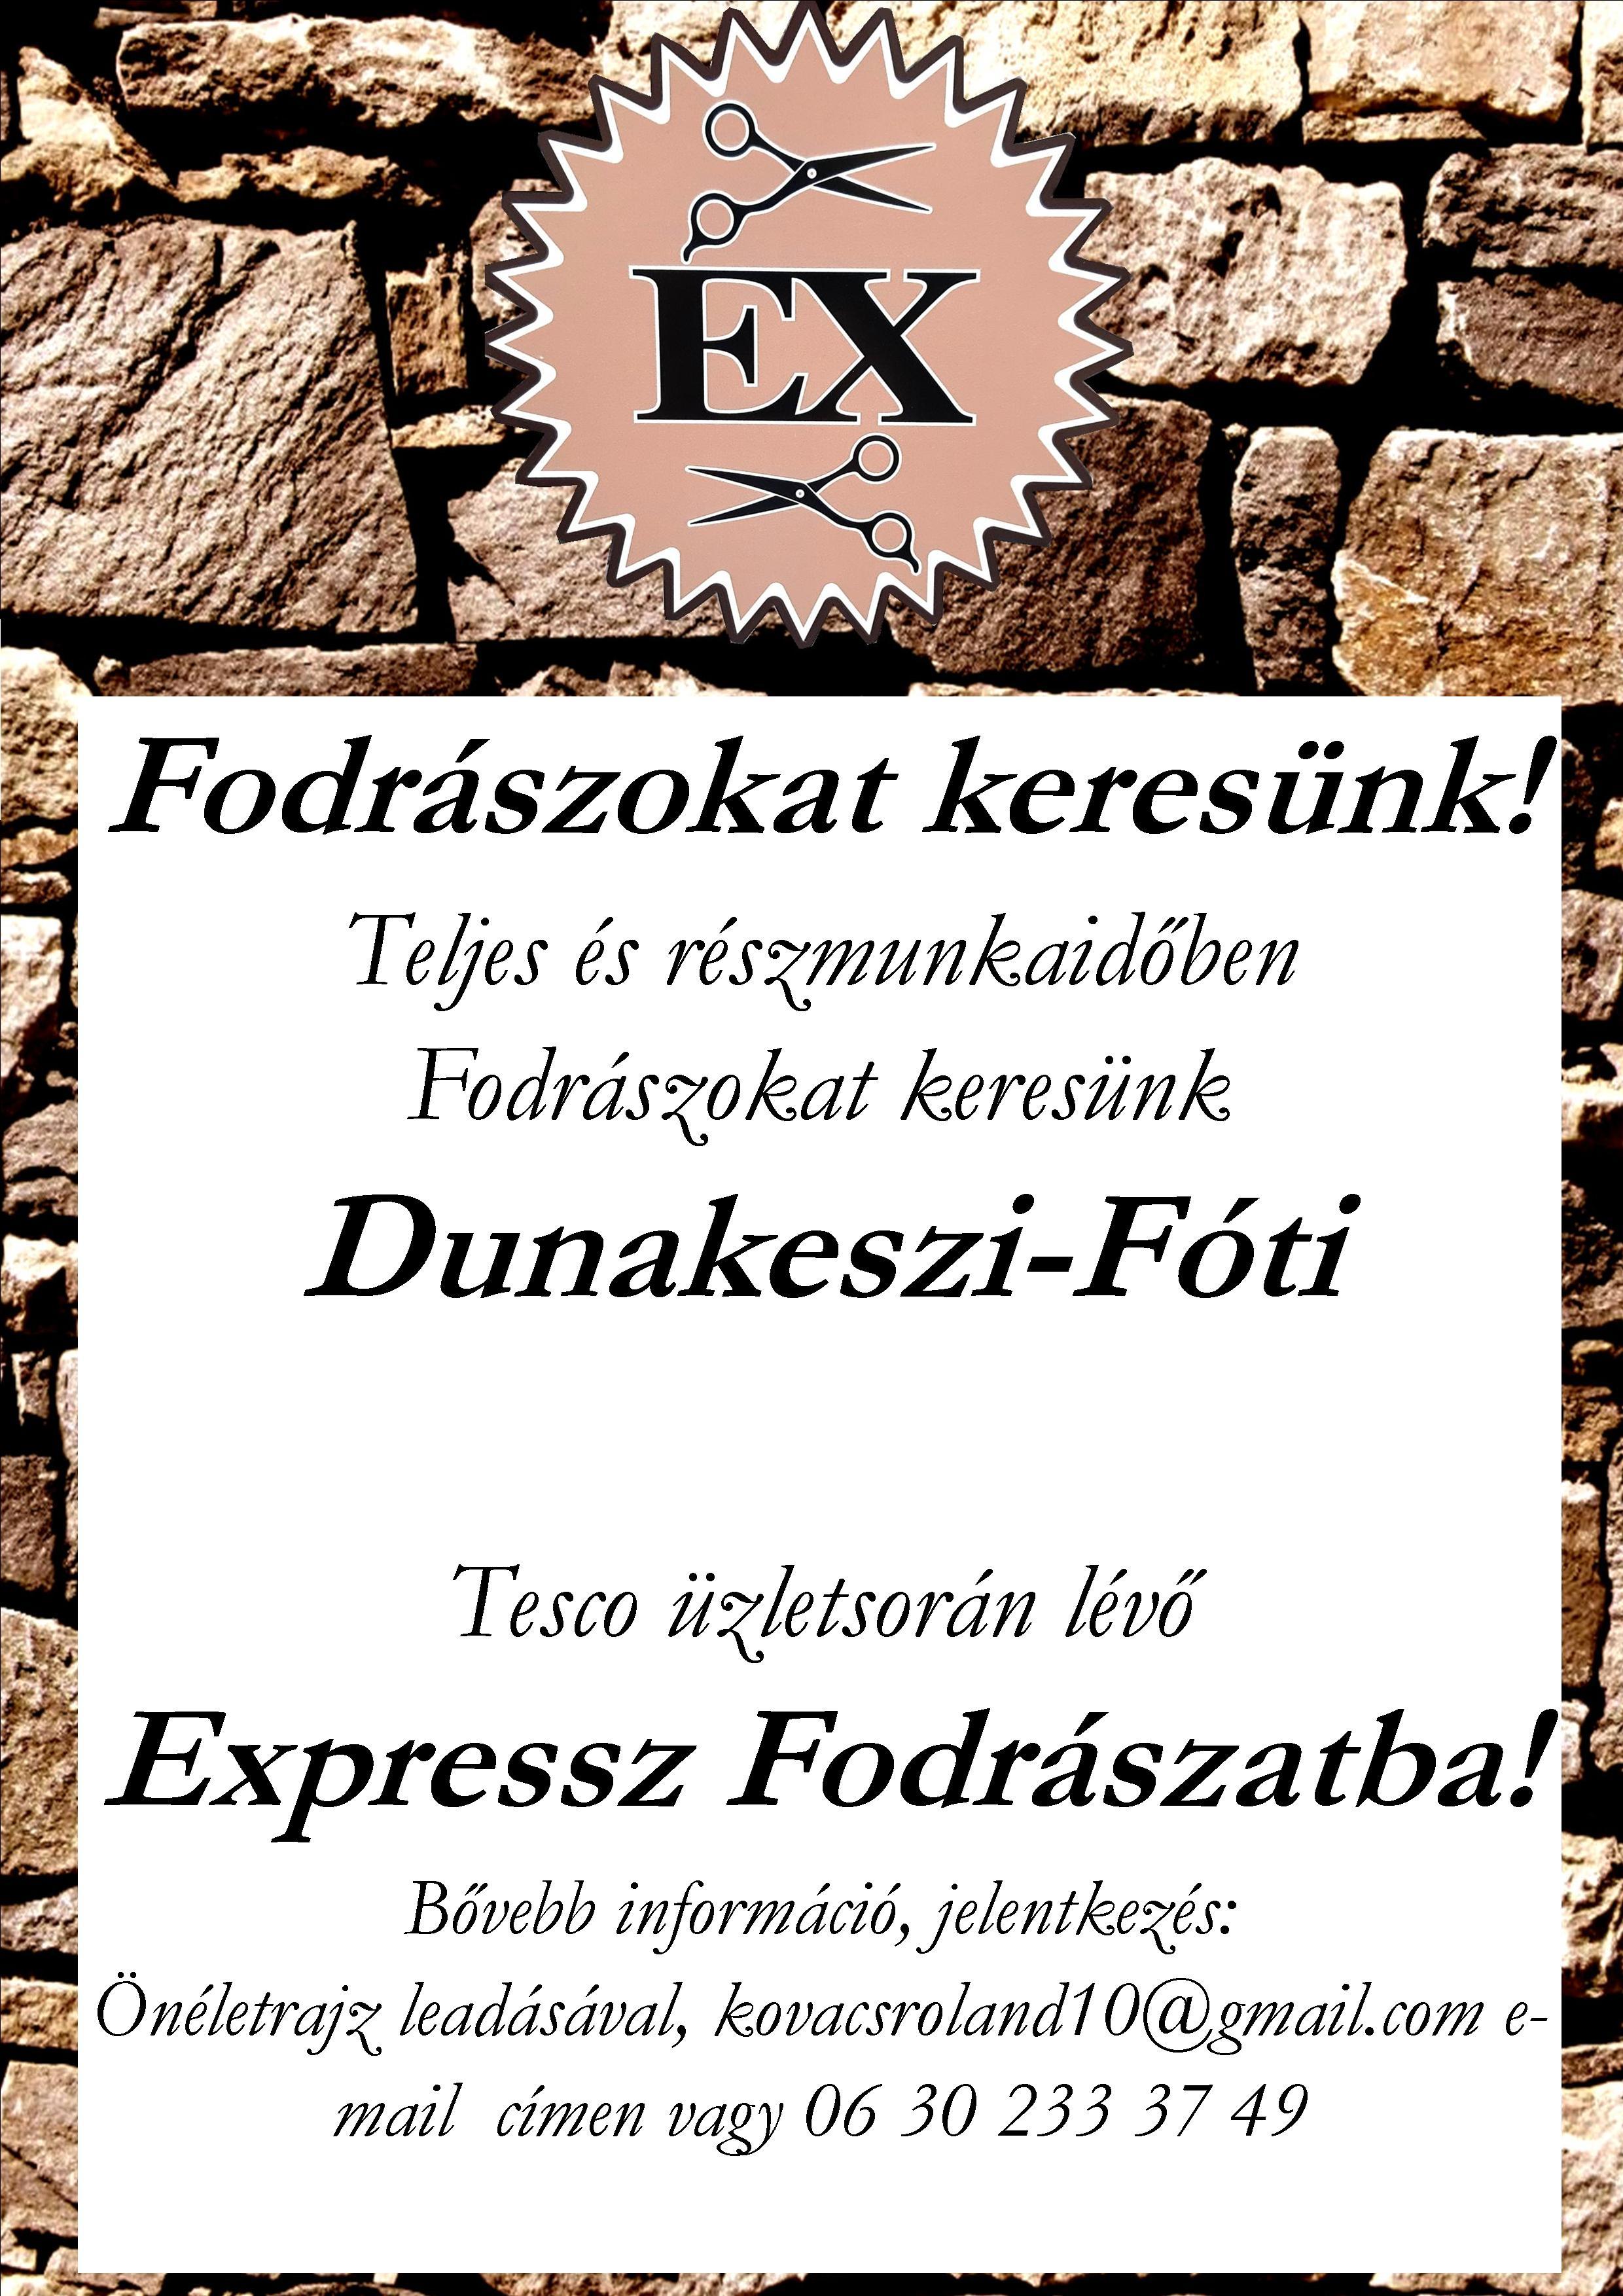 Kovács Roland Egyéni vállalkozó